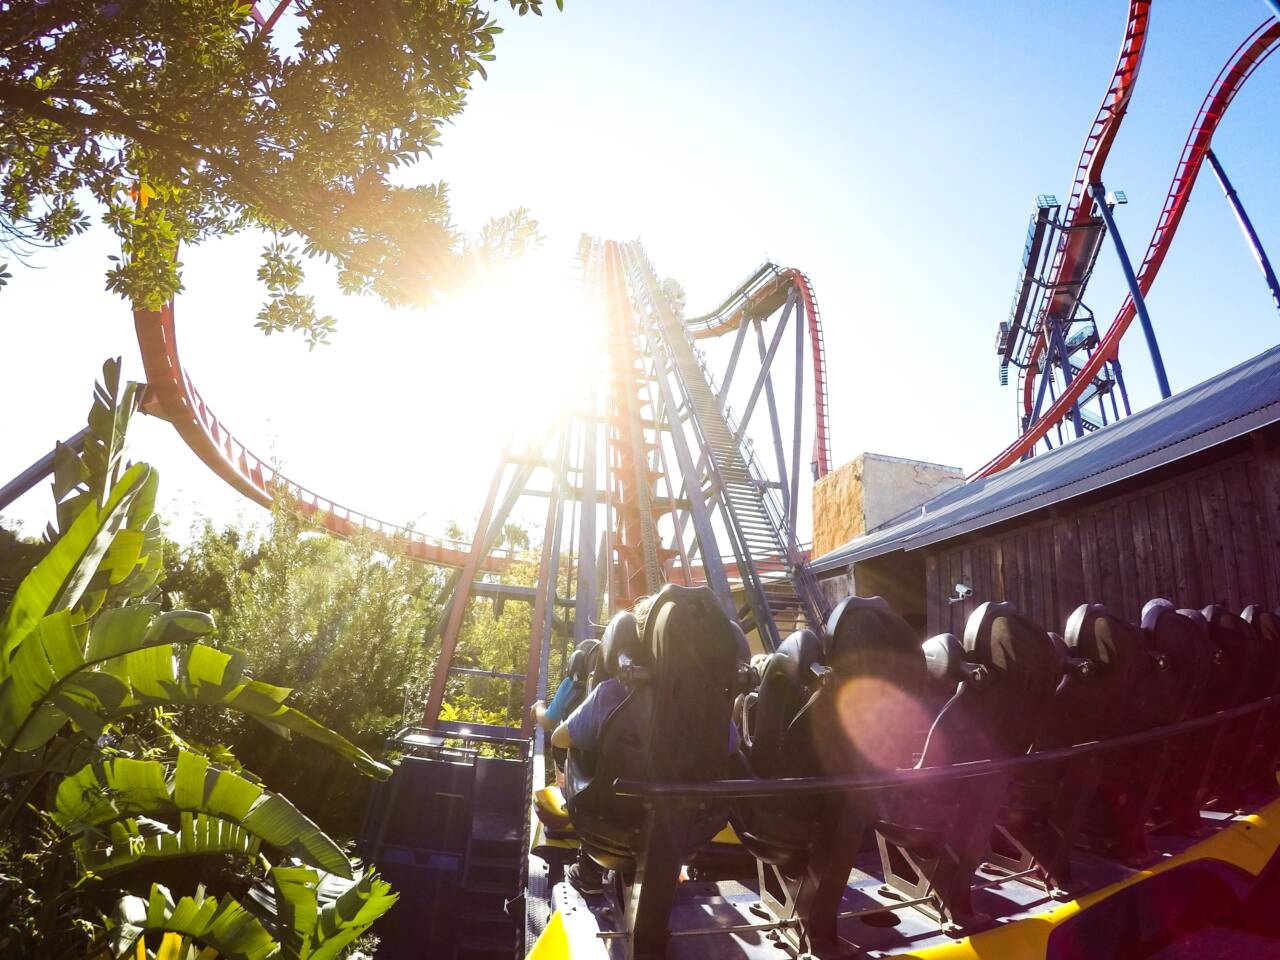 Busch Gardens Tampa Rollercoaster